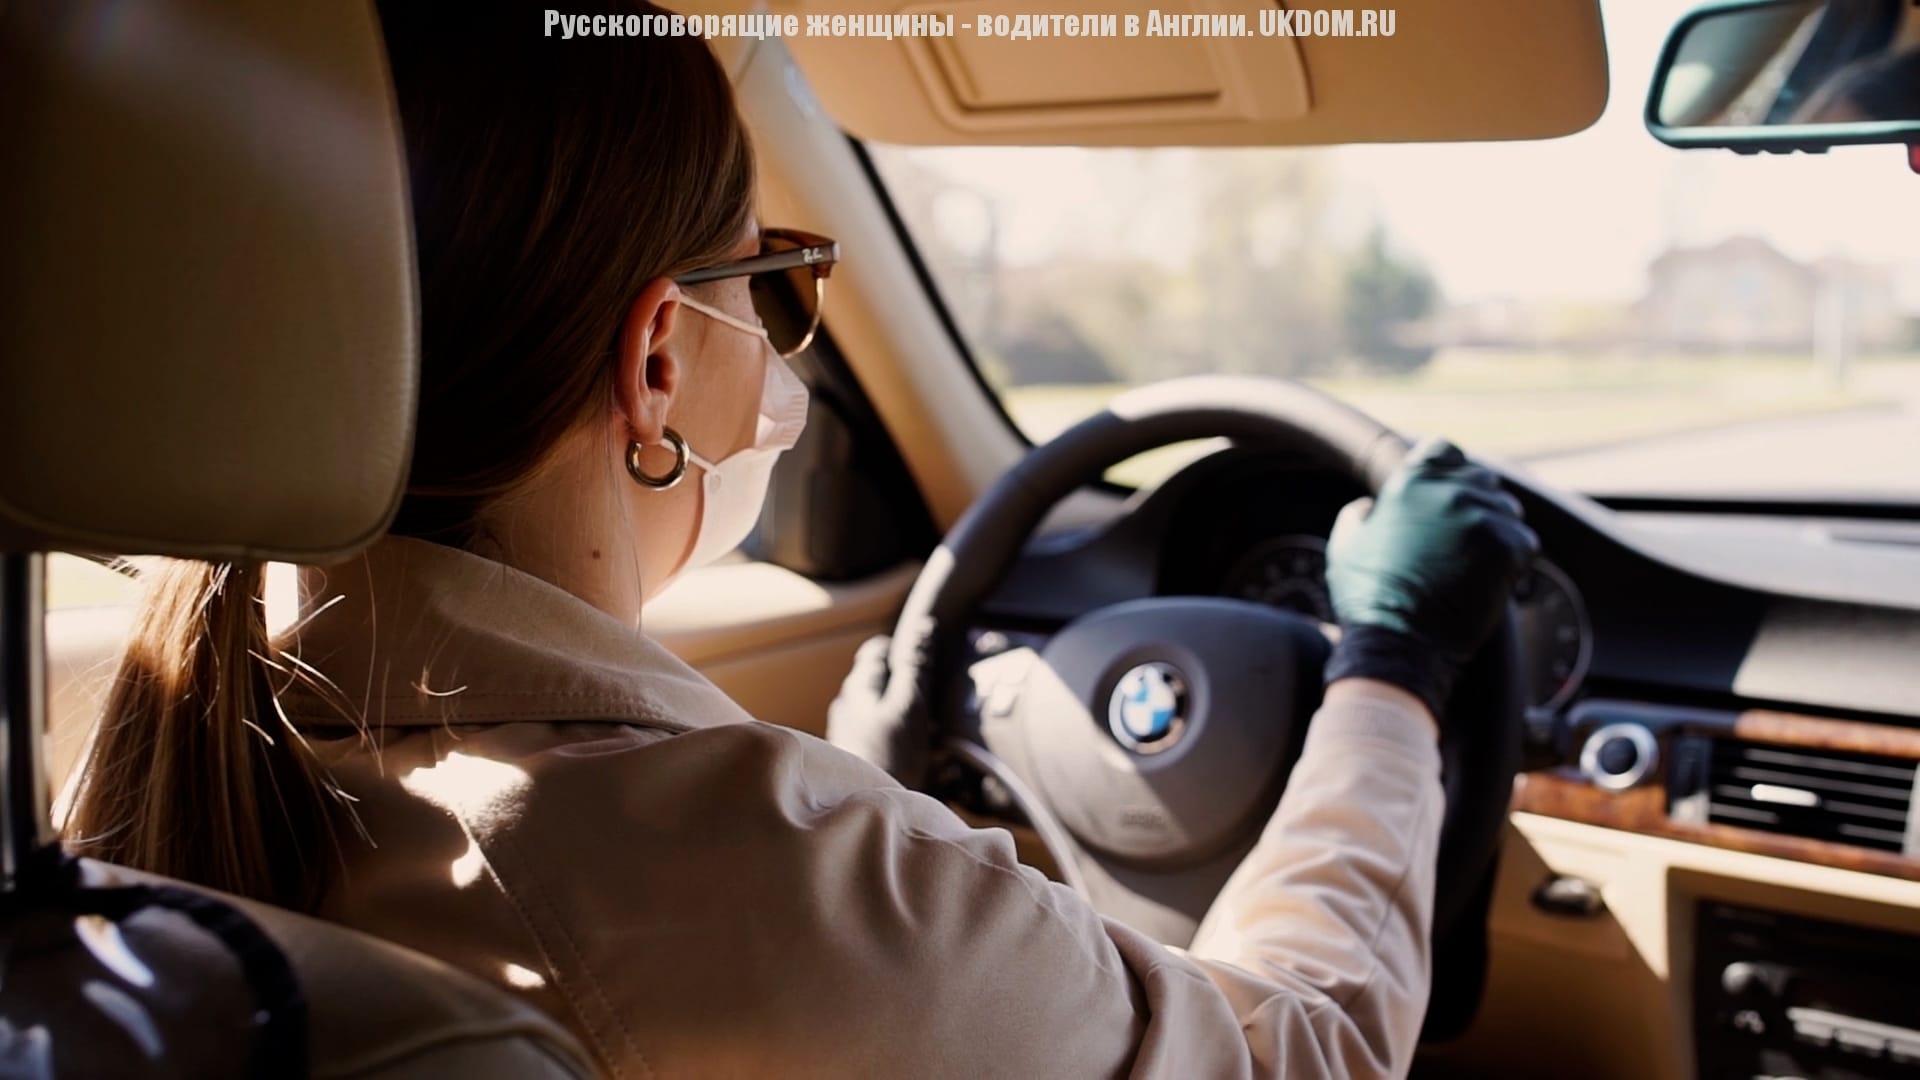 Профессиональные водители русскоговорящие женщины